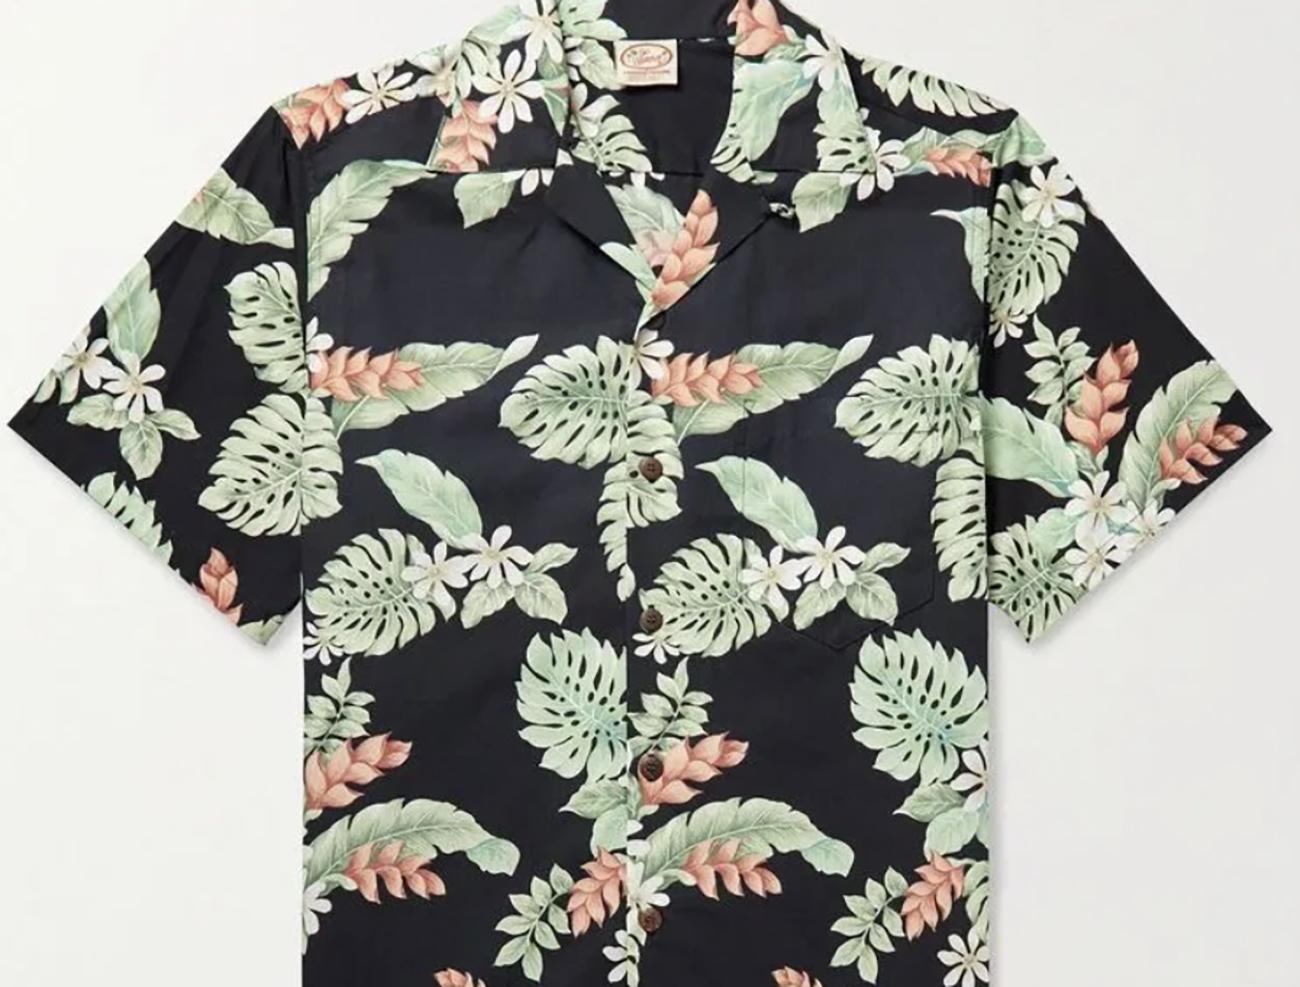 9 χαβανέζικα πουκάμισα που θα βγάλουν τον Τομ Σέλεκ που κρύβεις μέσα σου